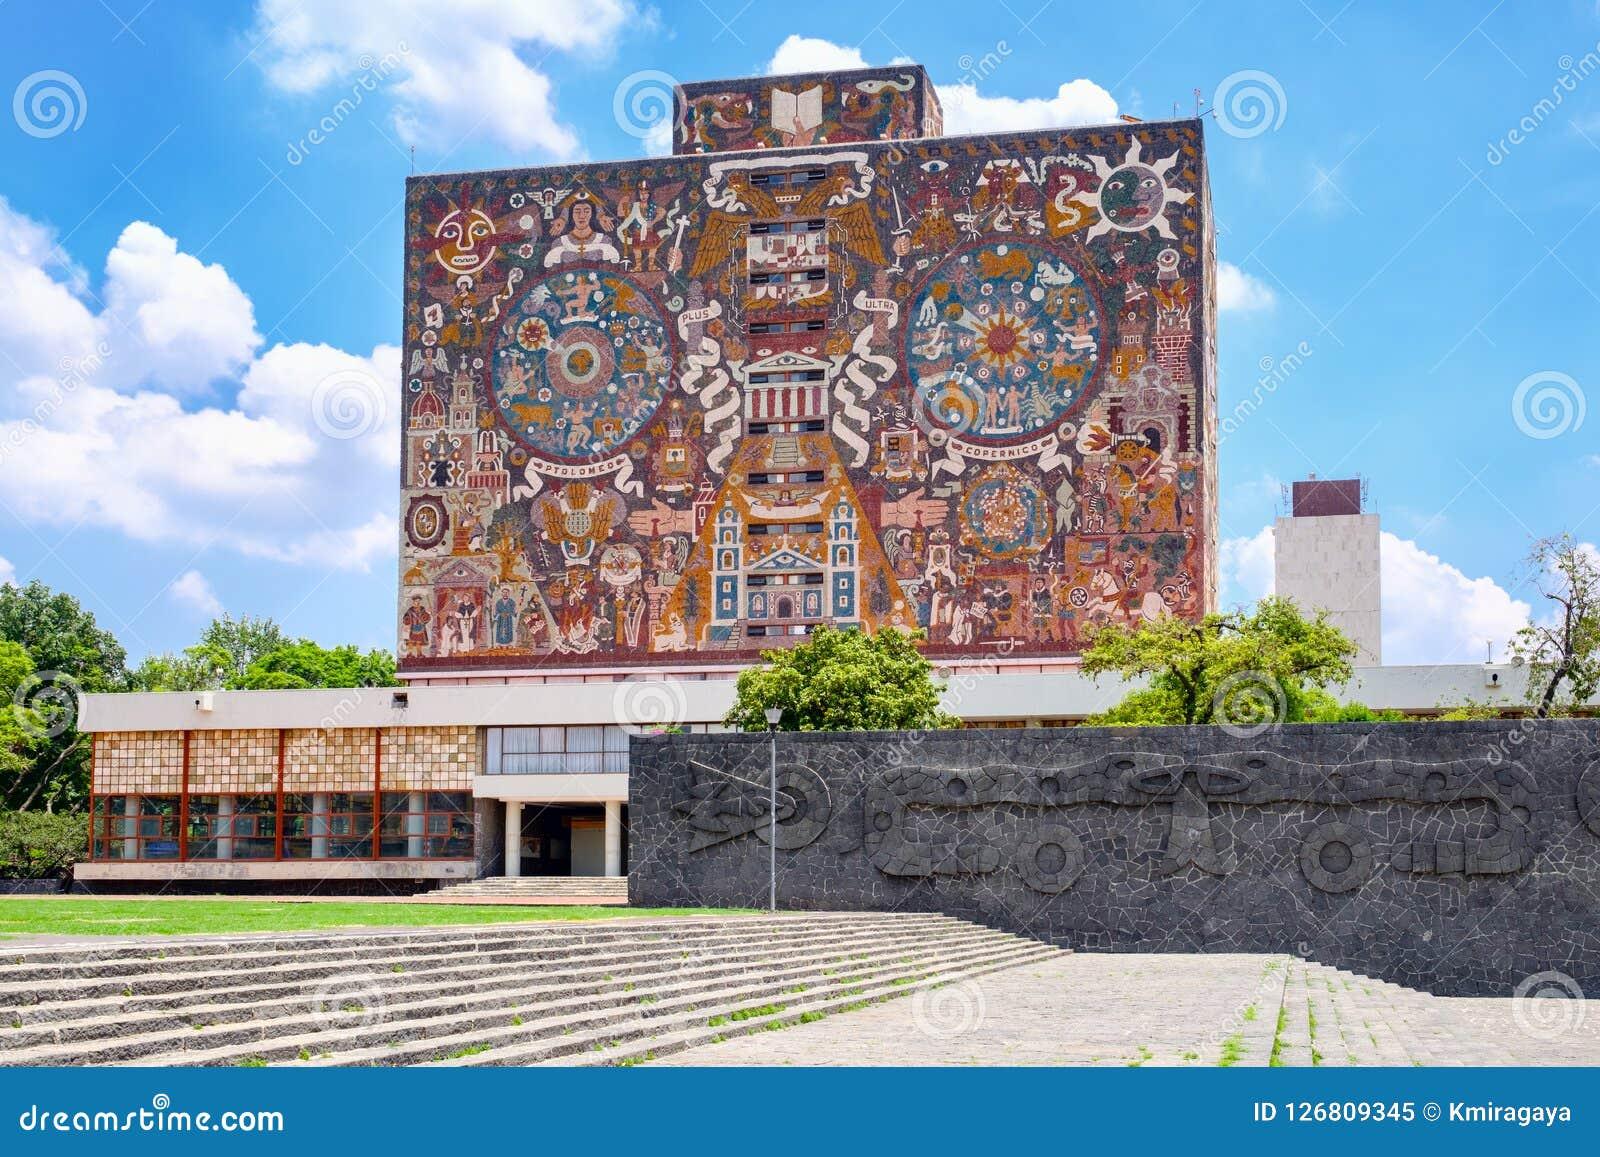 à 'a universidade autônoma nacional de México